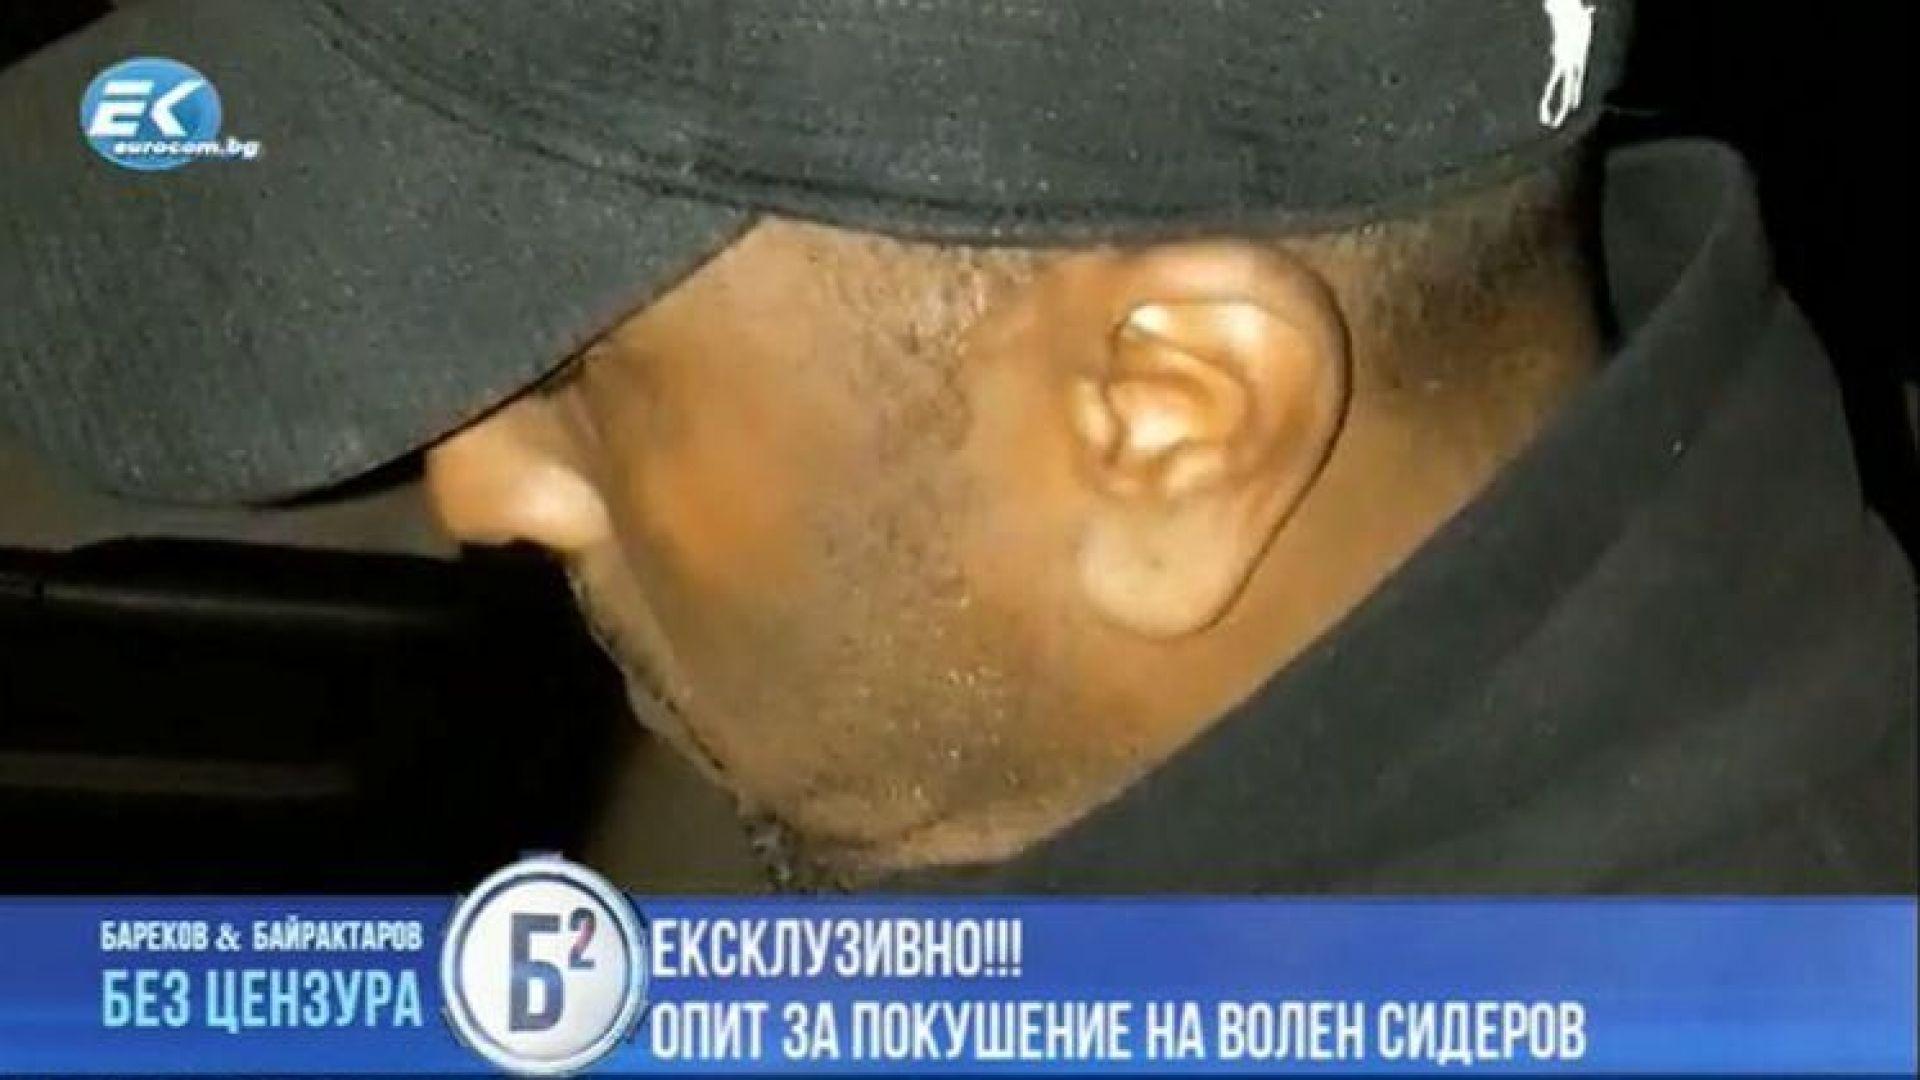 Суданецът, нападнал словесно съпругата на Сидеров,  оправдан заради  нарушения на правата му